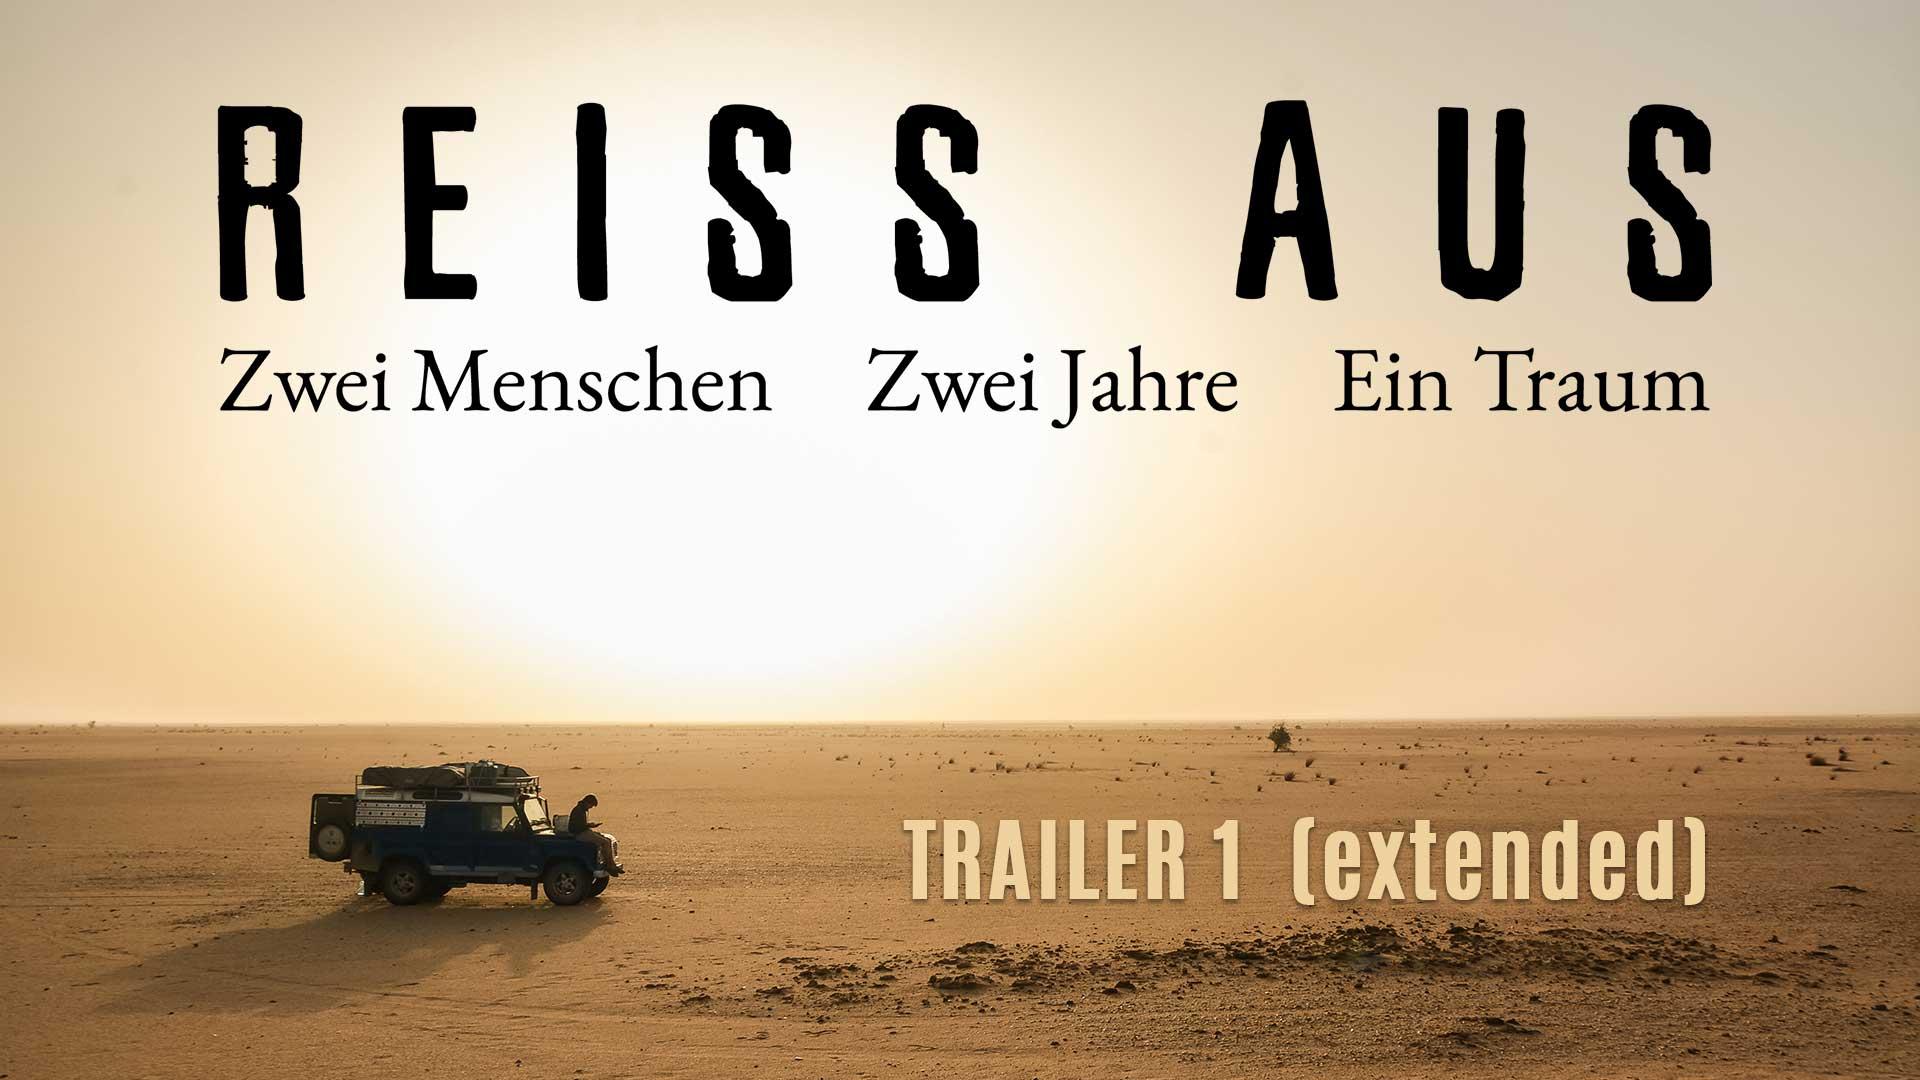 Reisedokumentation REISS AUS - Trailer 1 (extended)